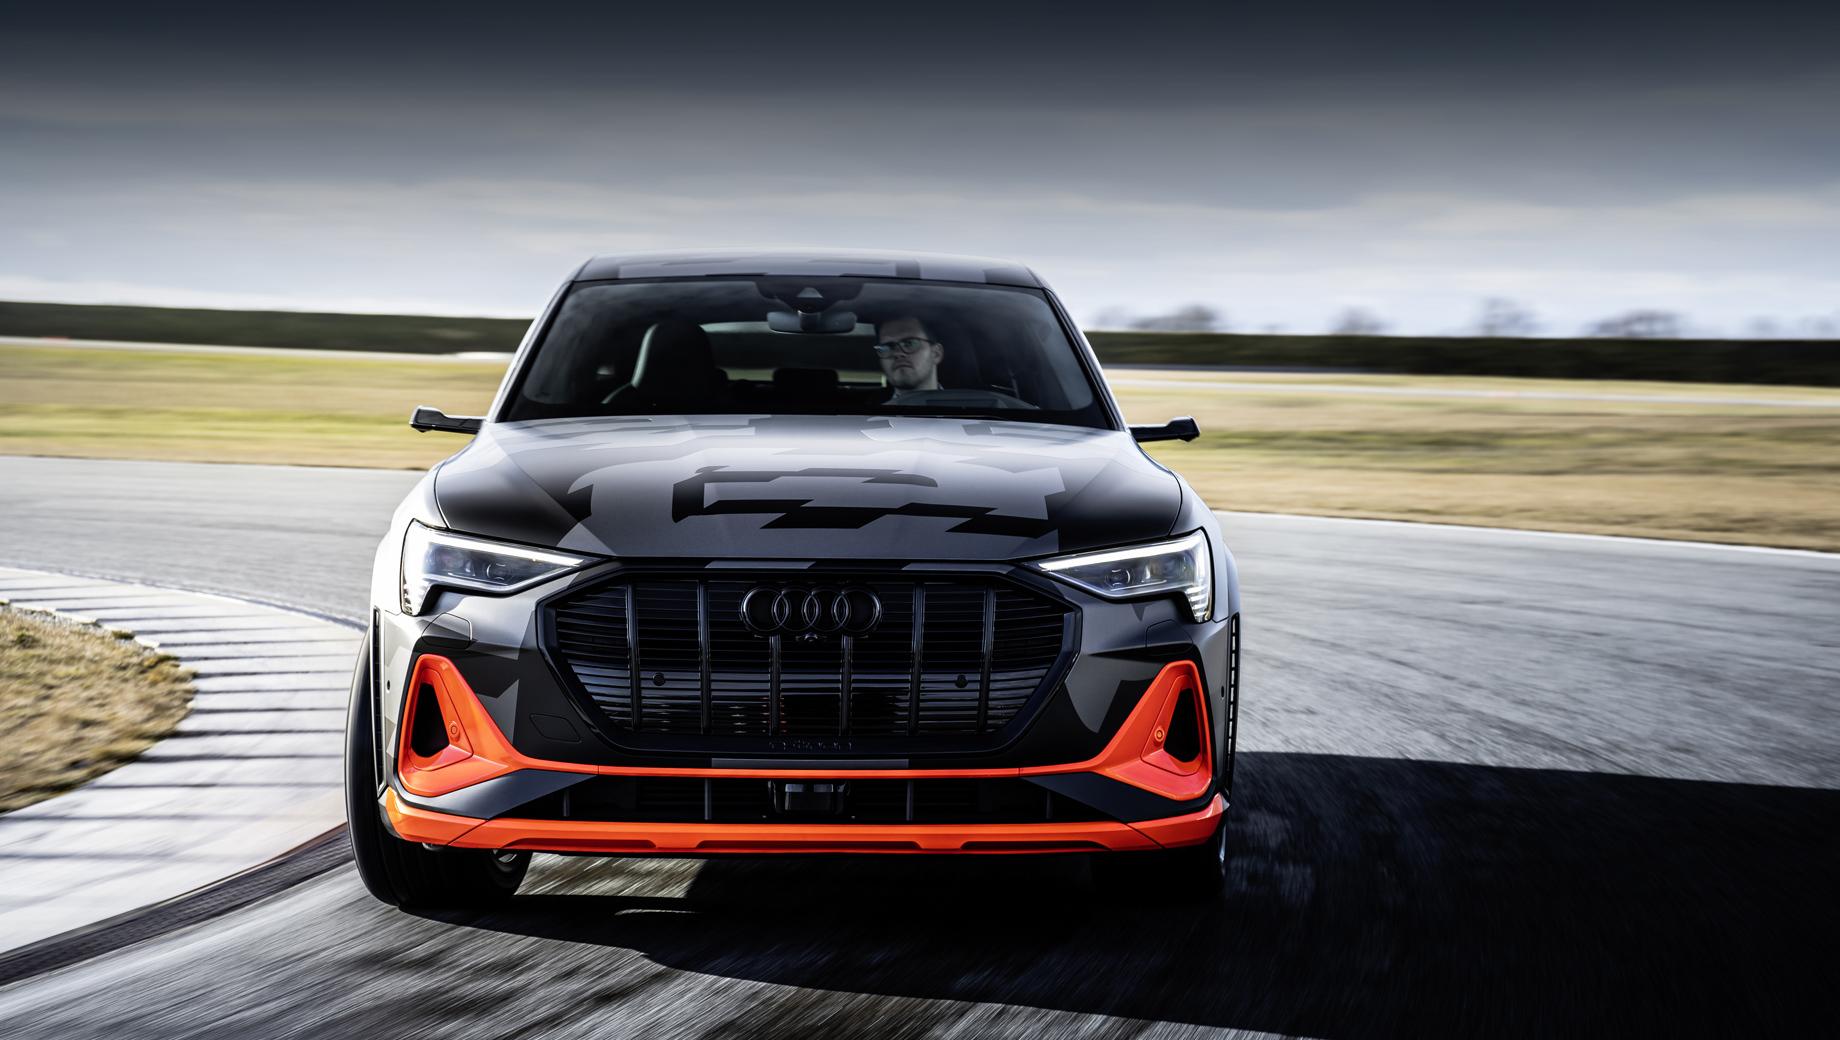 Немцы рассказали об аэродинамике кроссовера Audi e-tron S